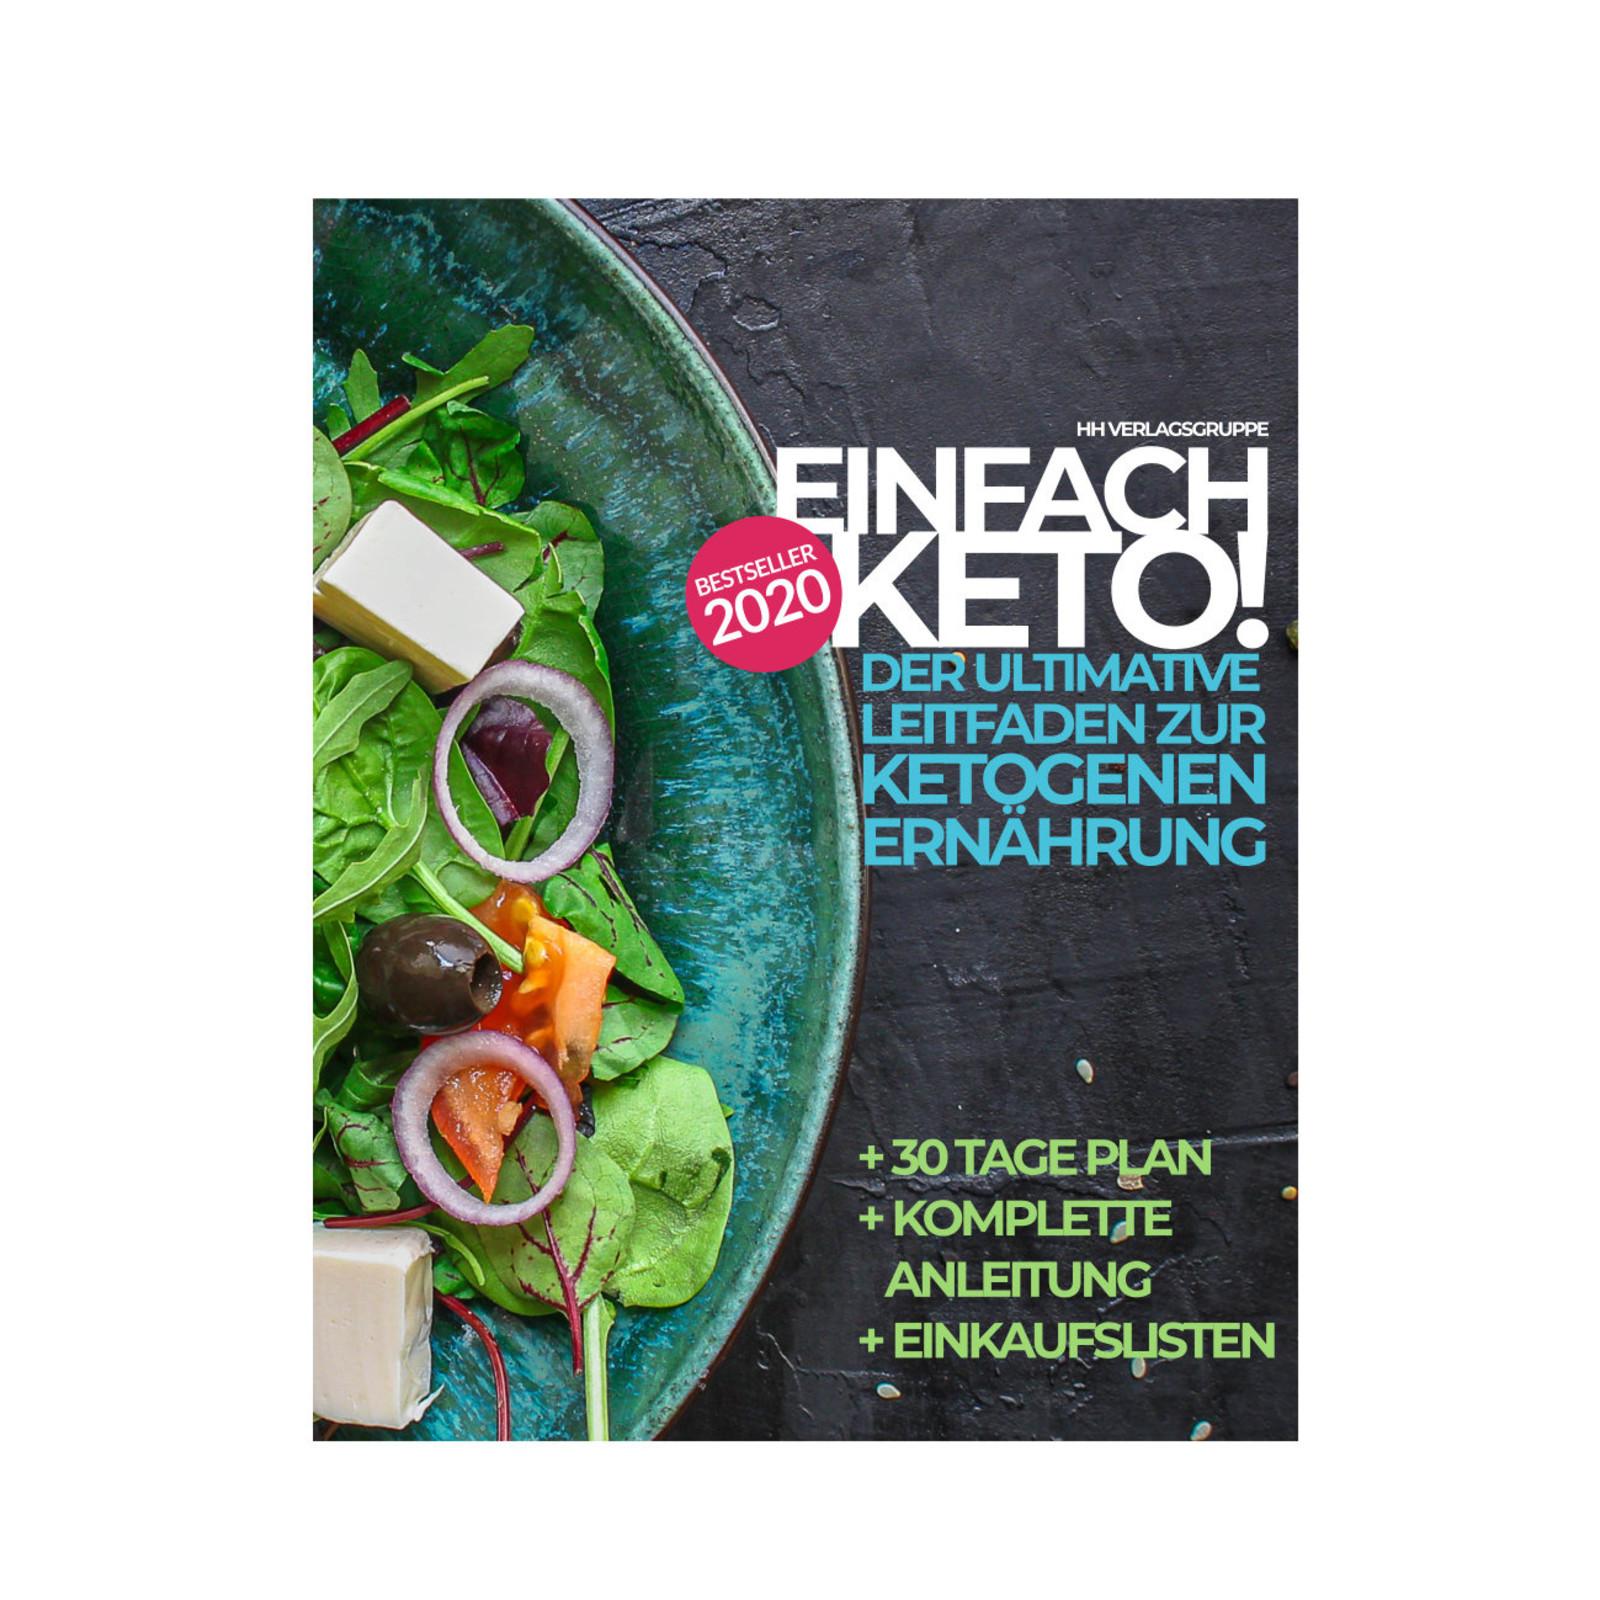 Einfach Keto Einfach Keto! Original Bestseller 2. Auflage GC